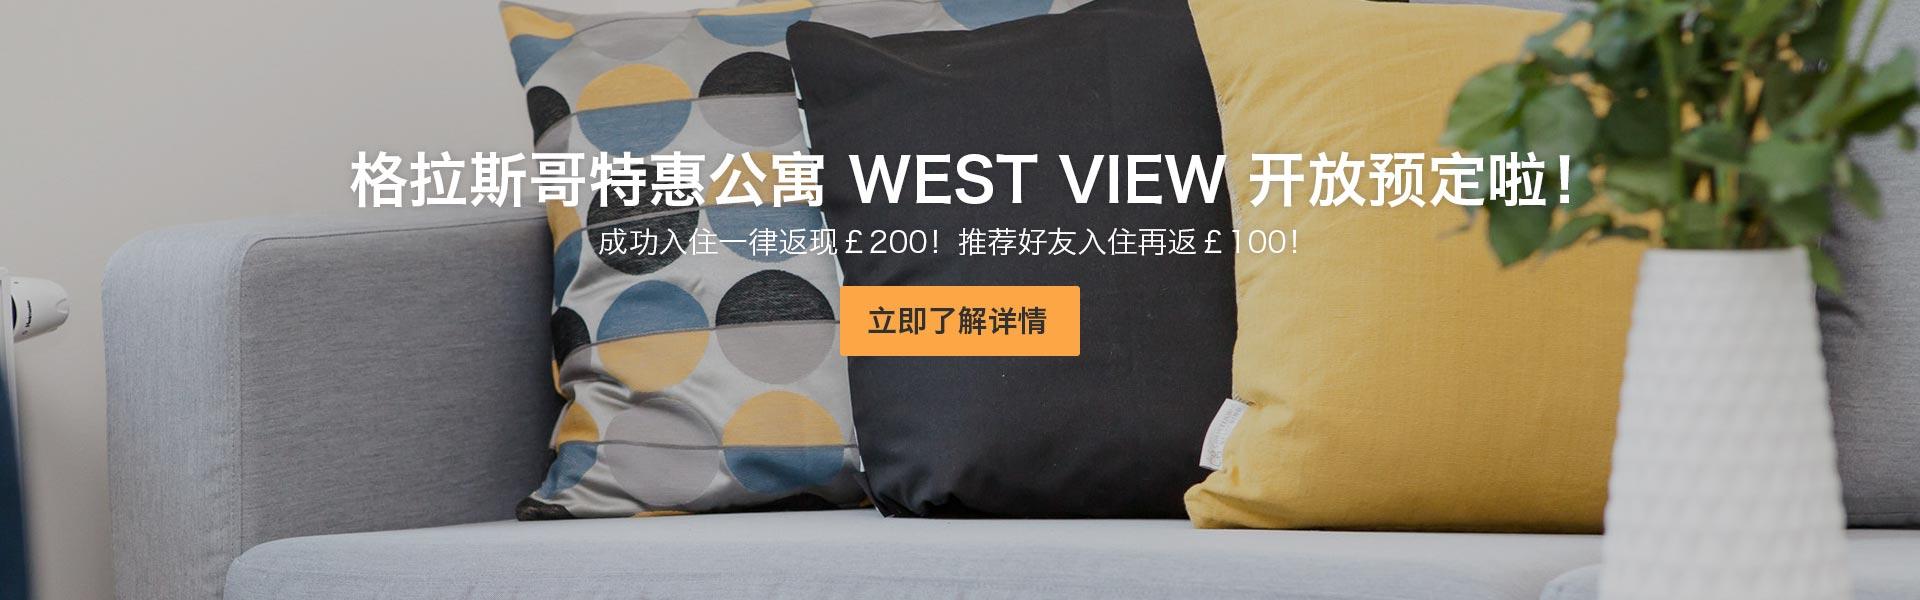 格拉斯哥优质公寓 West view最高返现200磅!